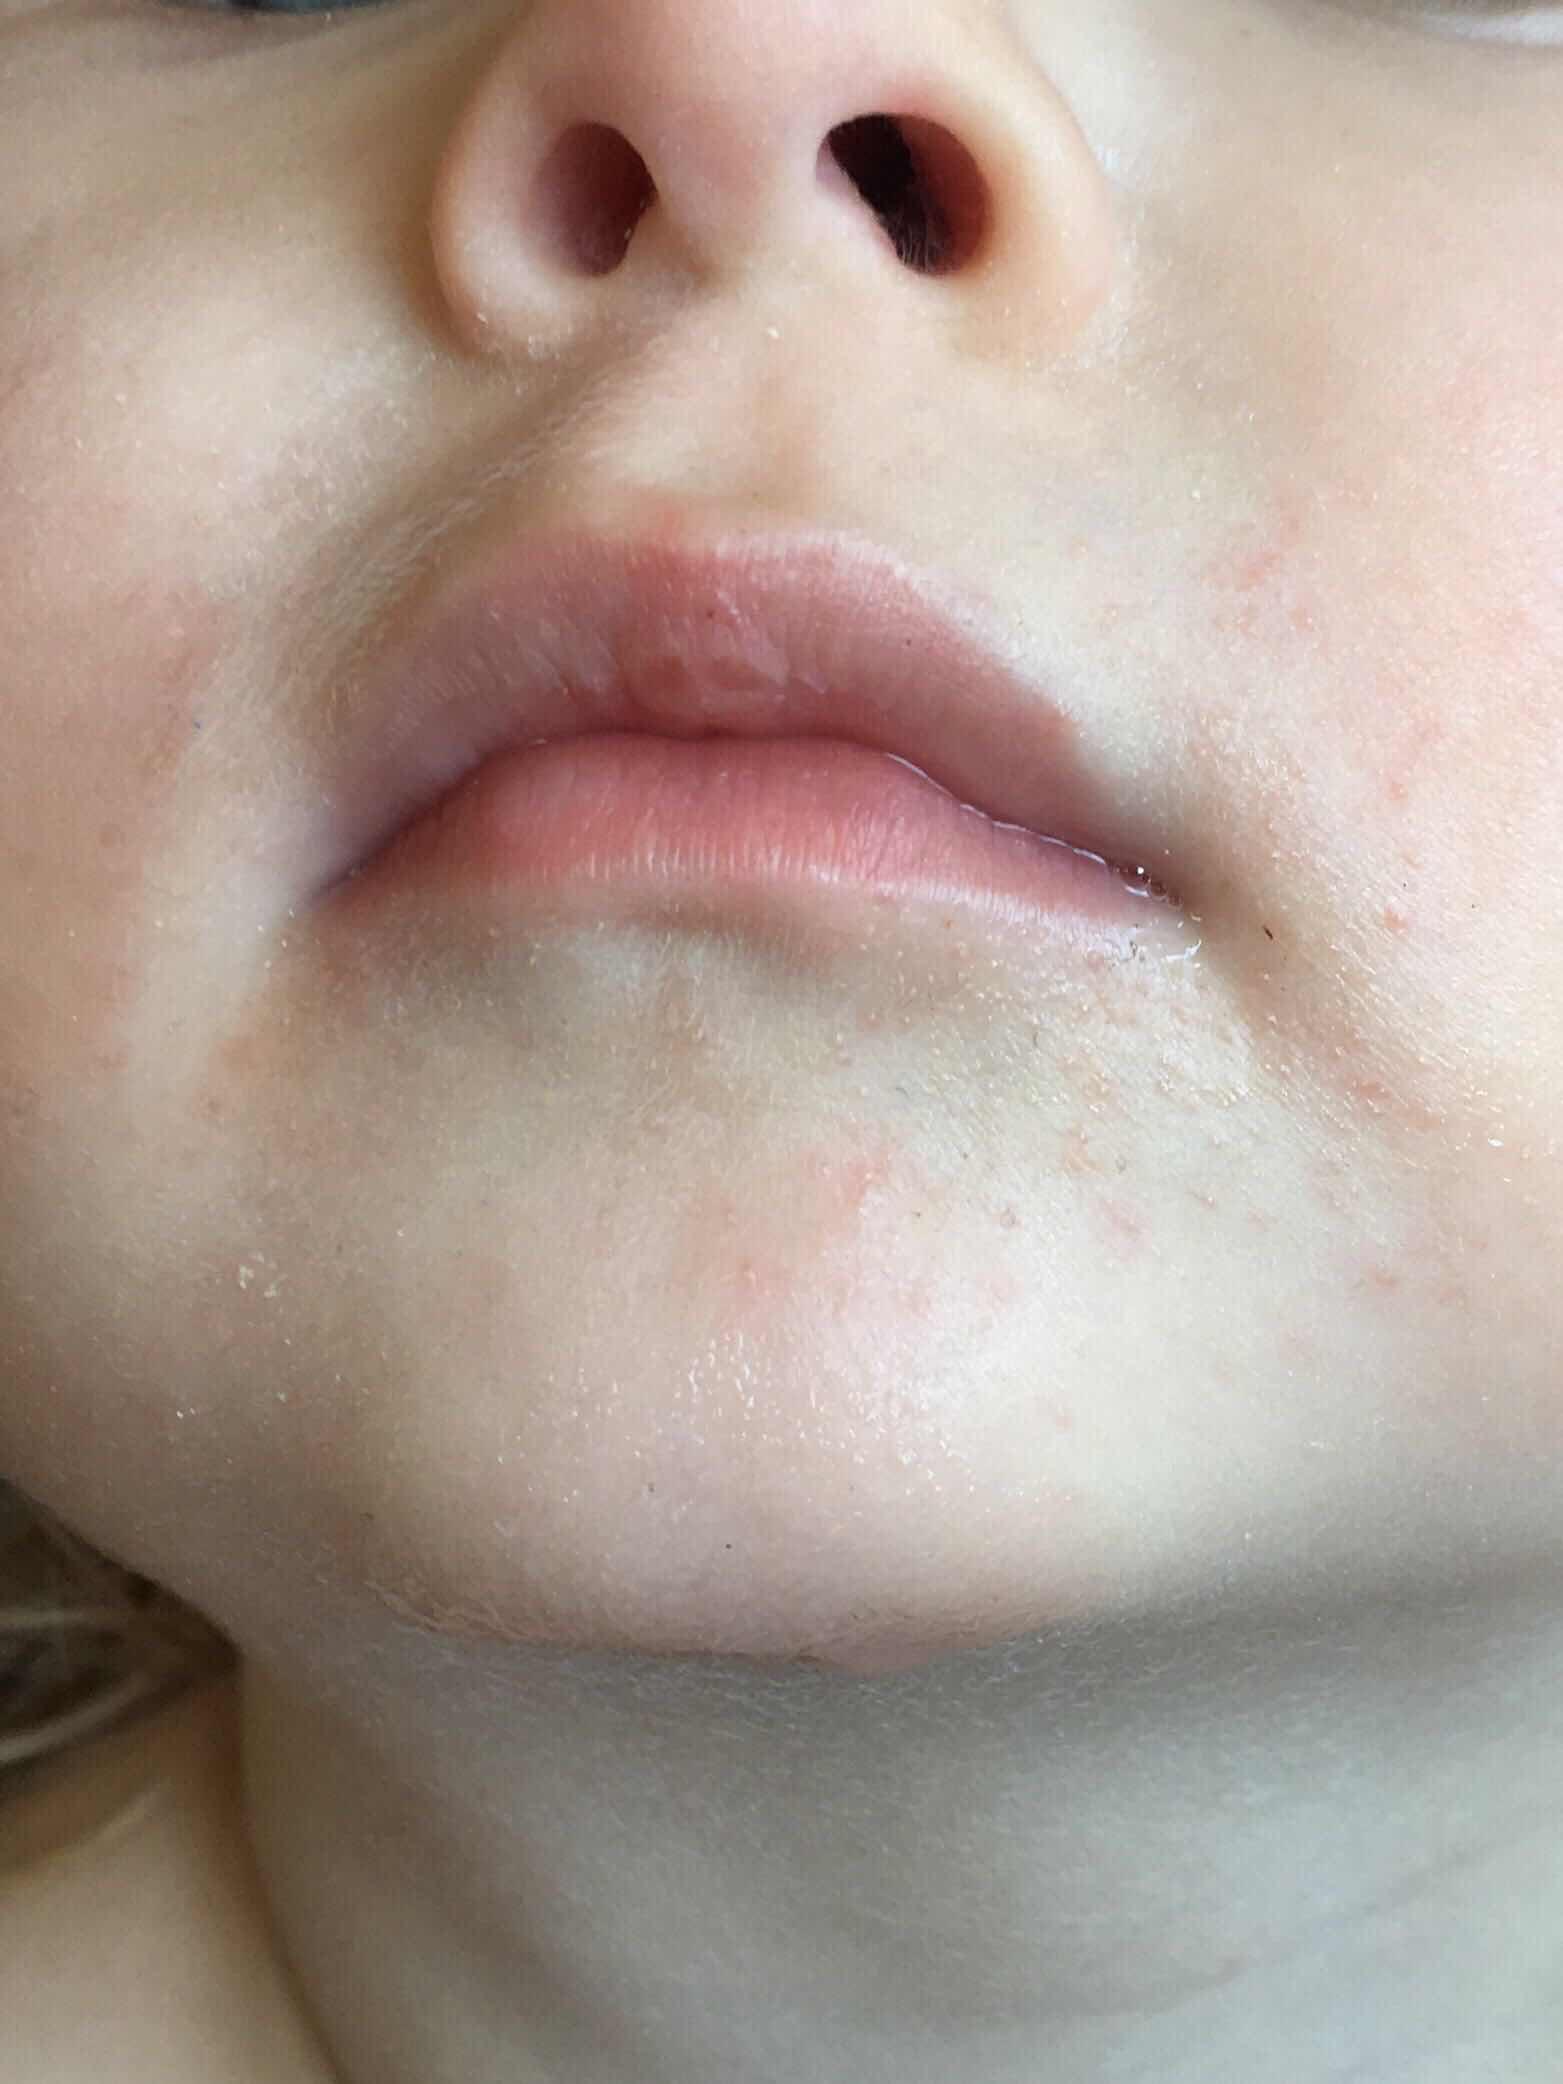 сыпь на лице у новорожденных, сыпь у рта